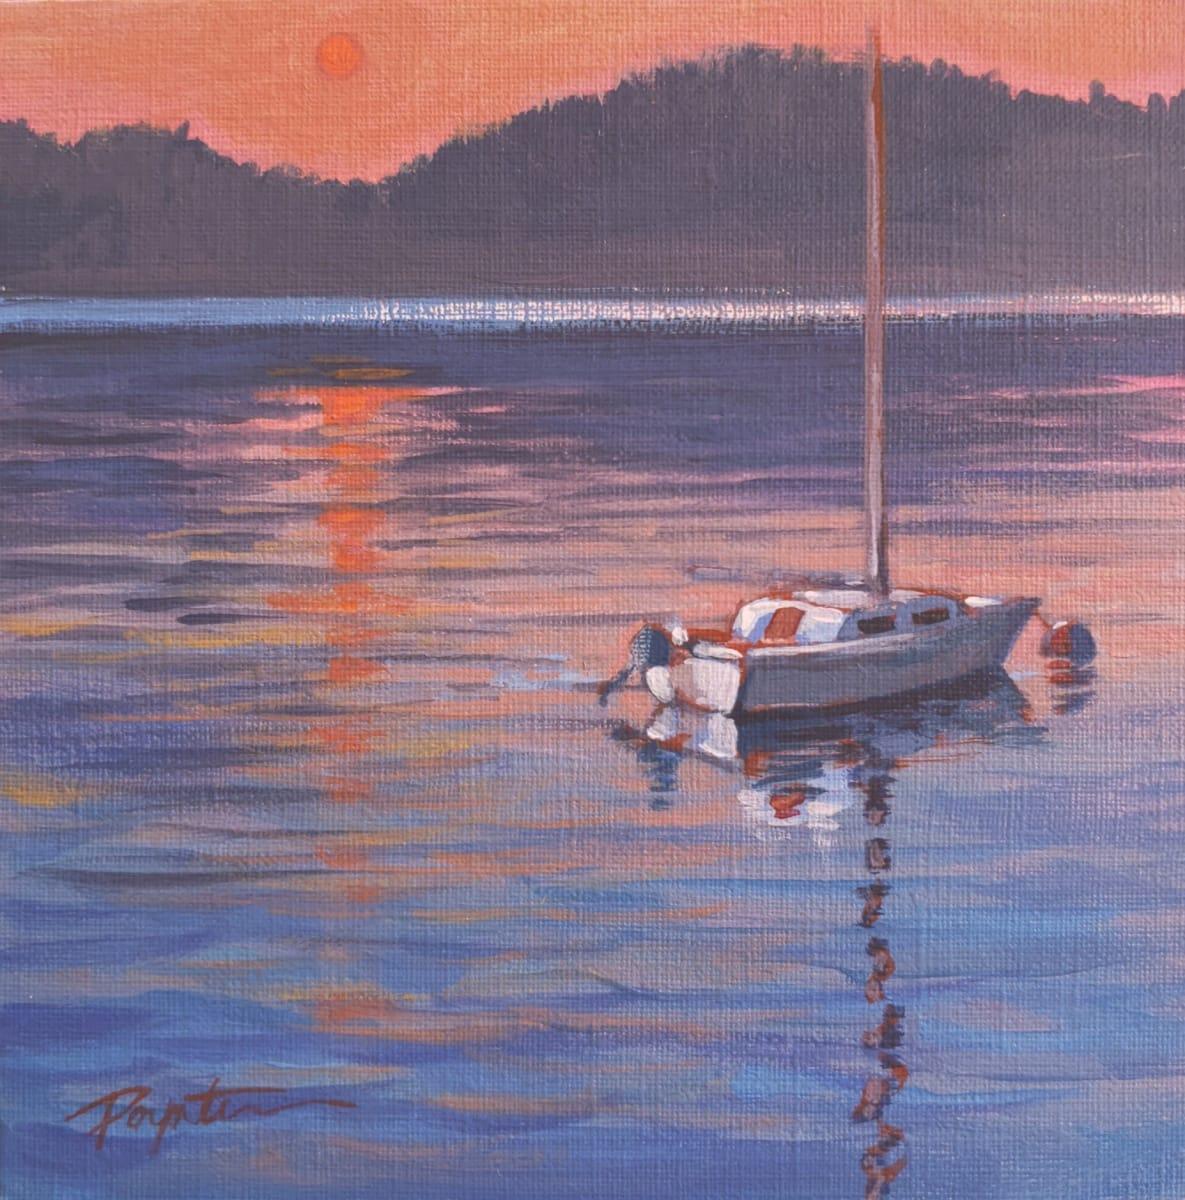 Dawn sailer. Smoke. by Jan Poynter